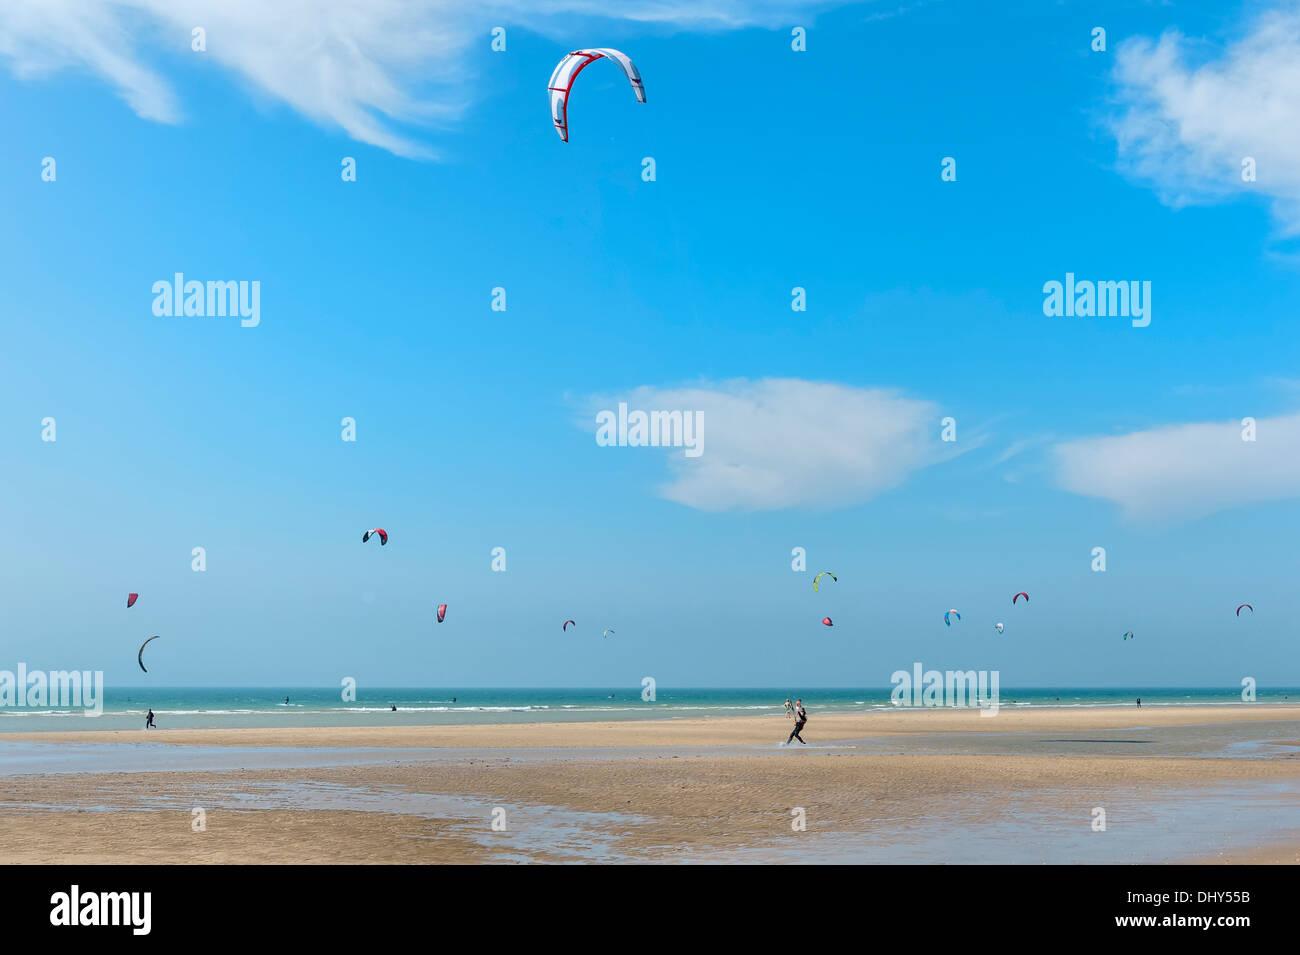 Kite surfers on the Wissant beach, Côte d'Opale, Region Nord-Pas de Calais, France - Stock Image